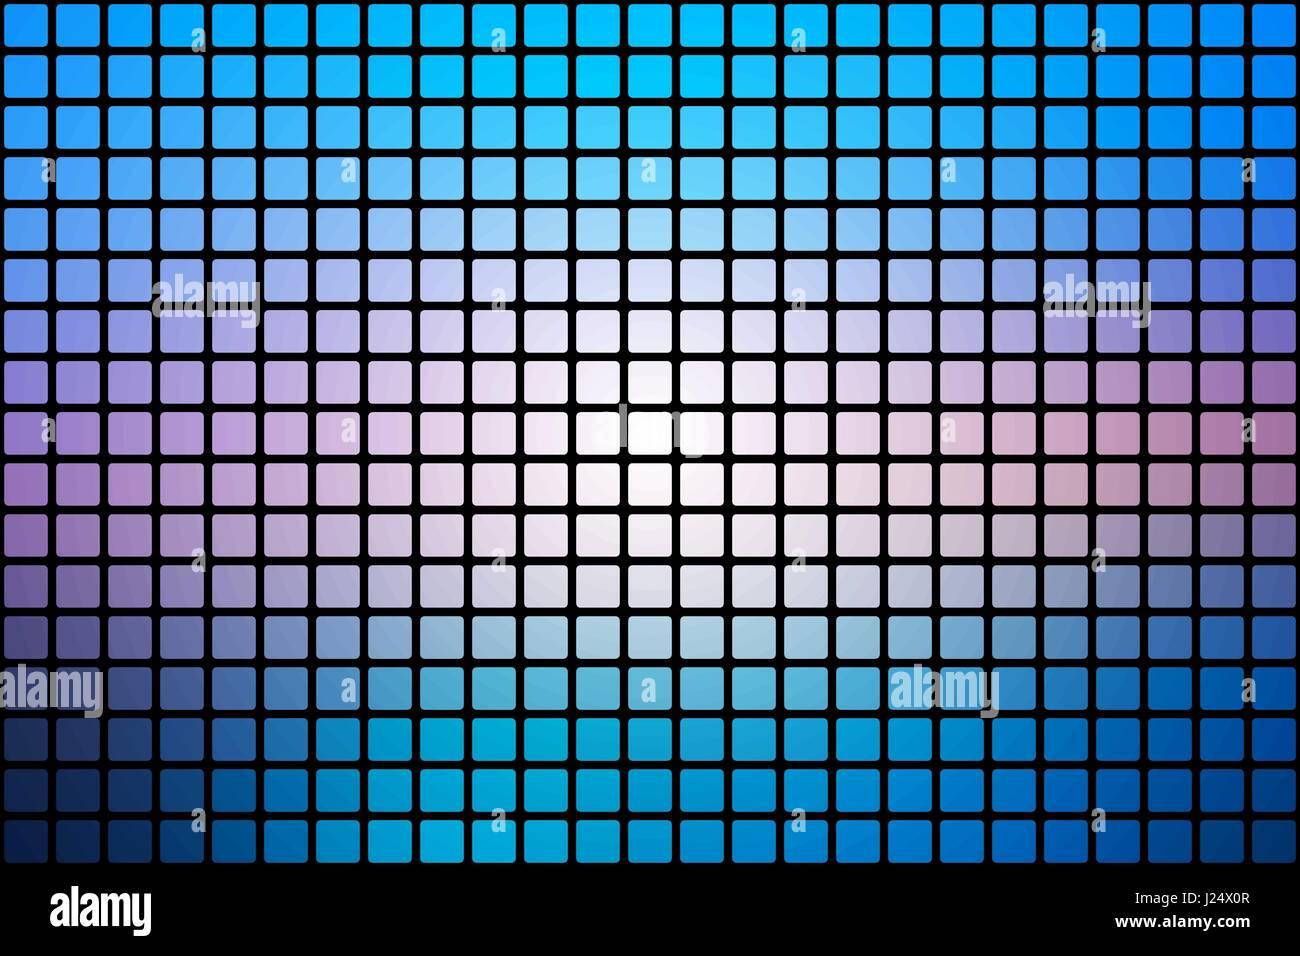 Blaue Farbtone Rosa Vektor Abstrakte Mosaik Hintergrund Mit